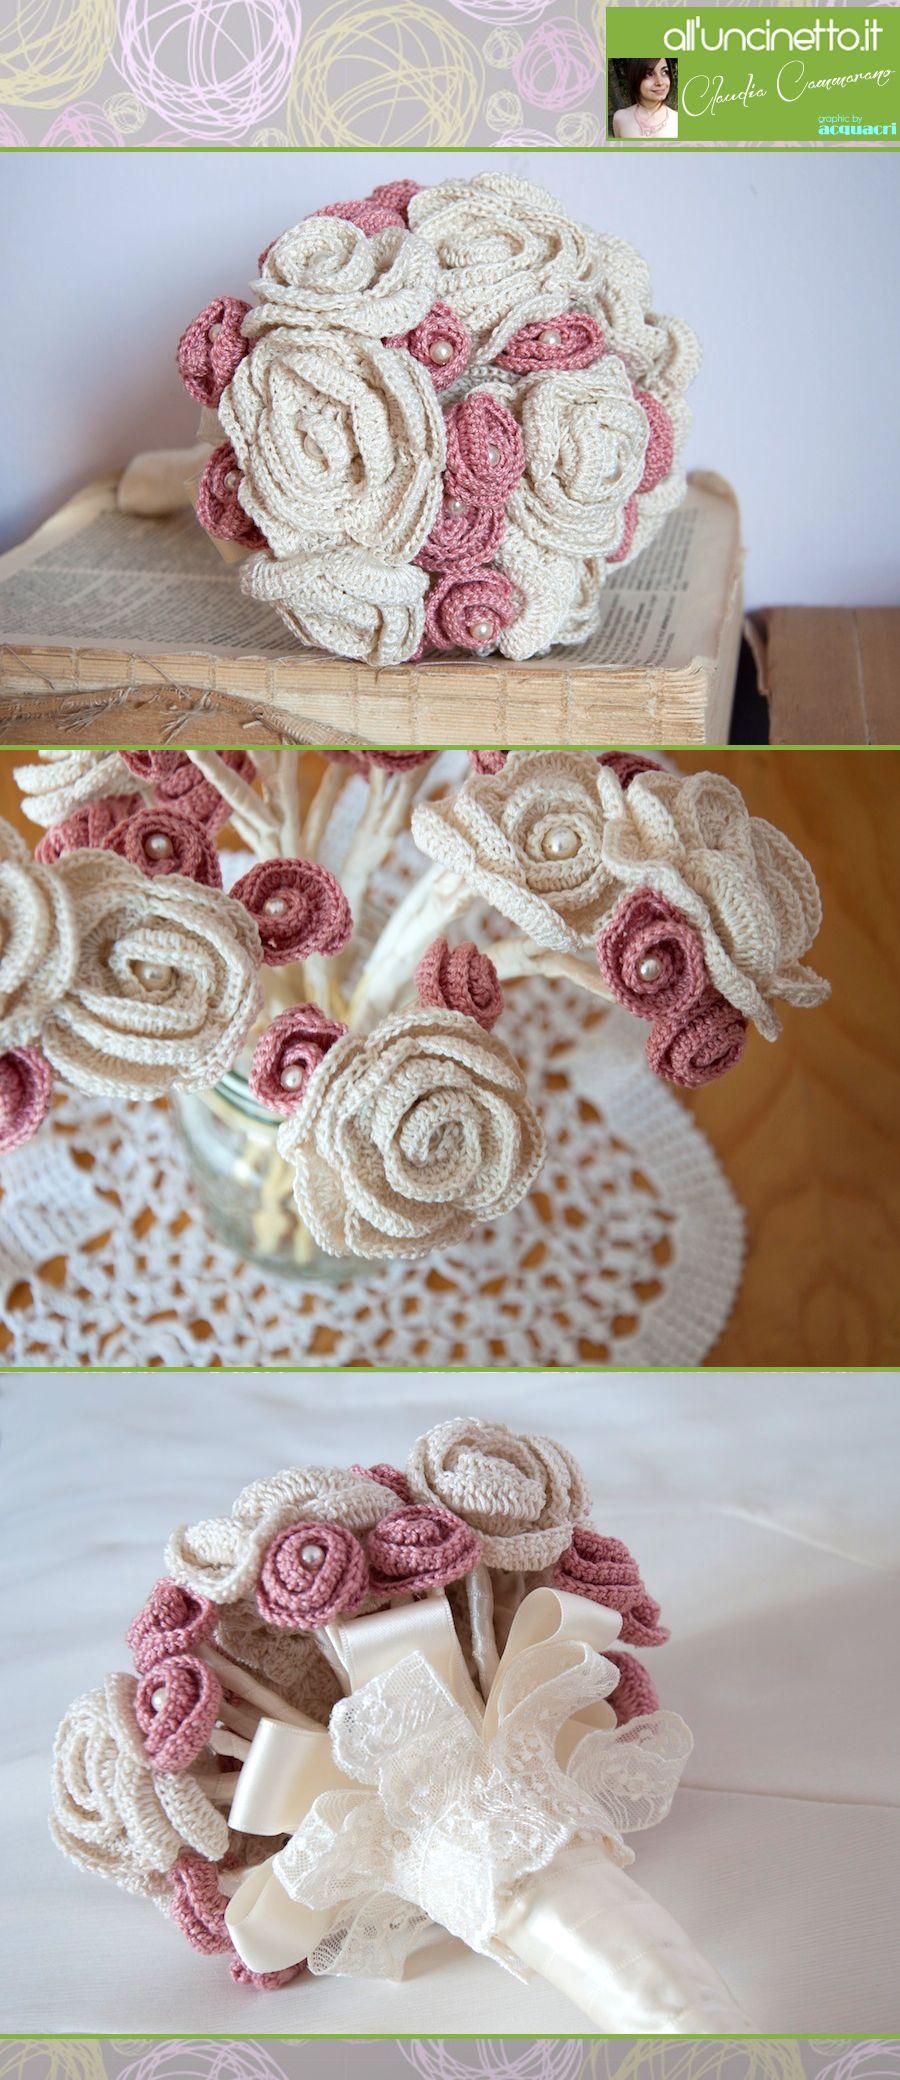 Bouquet Sposa Uncinetto Tutorial.Bouquet Con Fiori All Uncinetto Ispirazioni Uncinetto Crochet